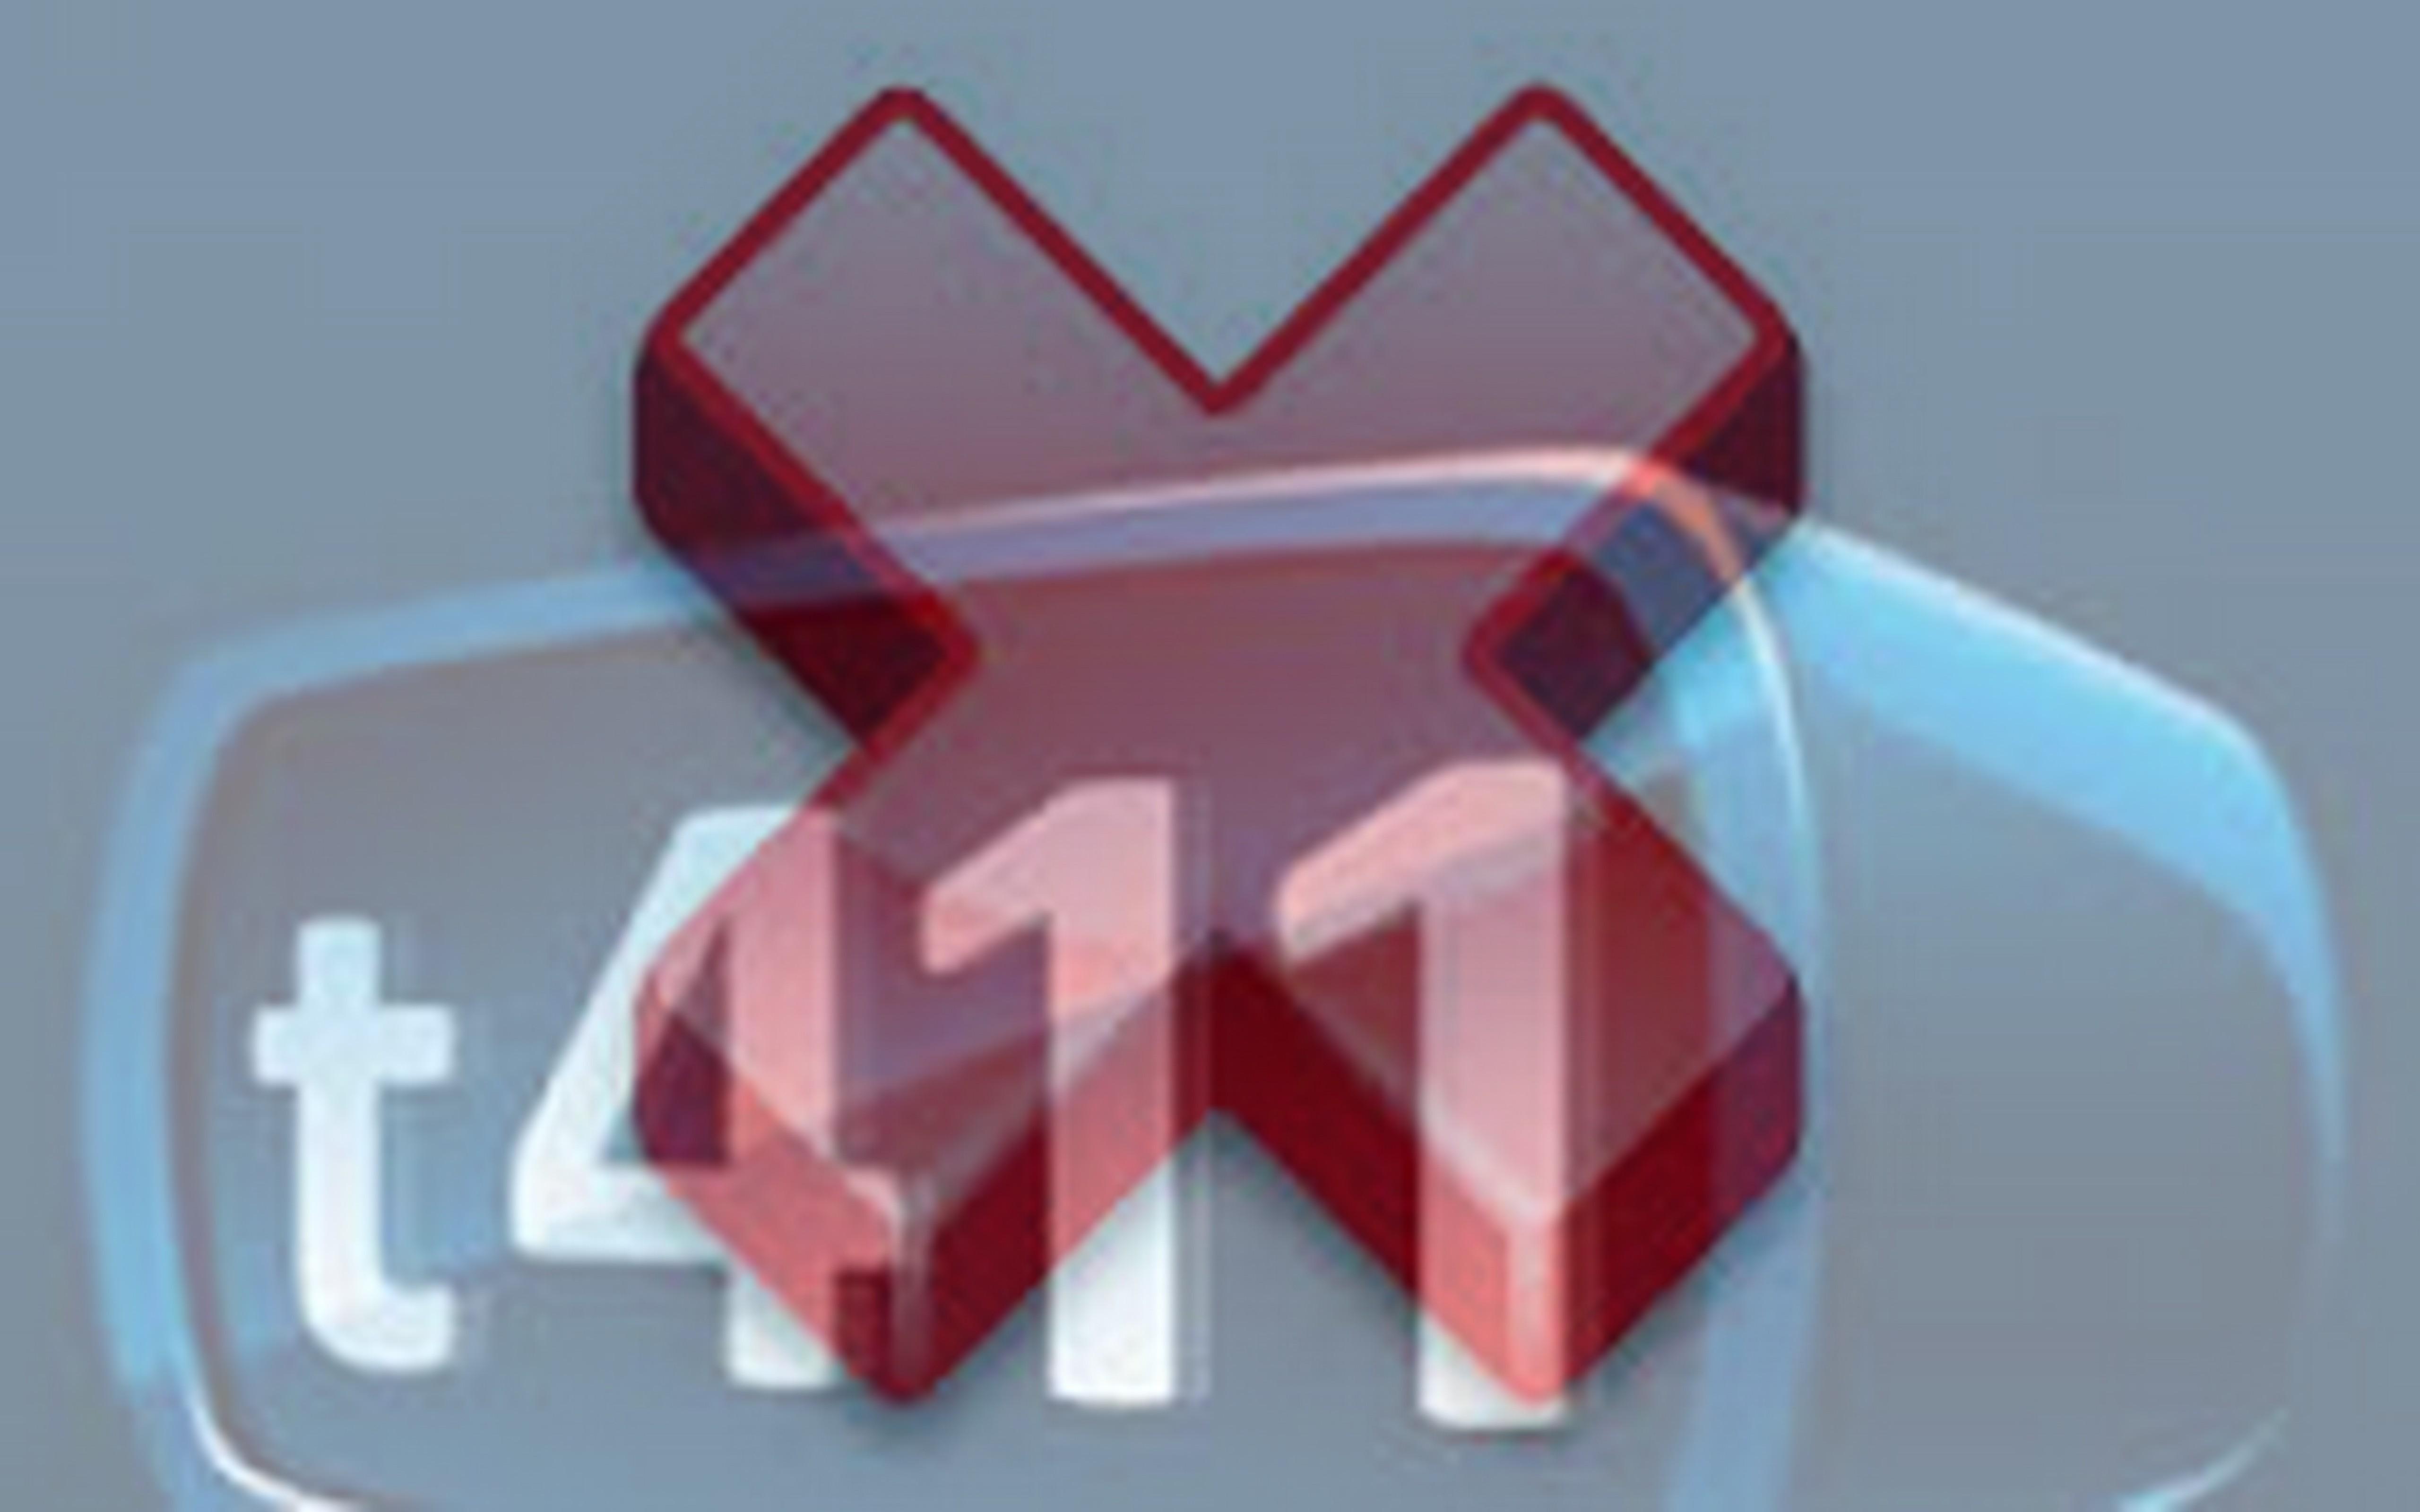 se désinscrire de compte T411